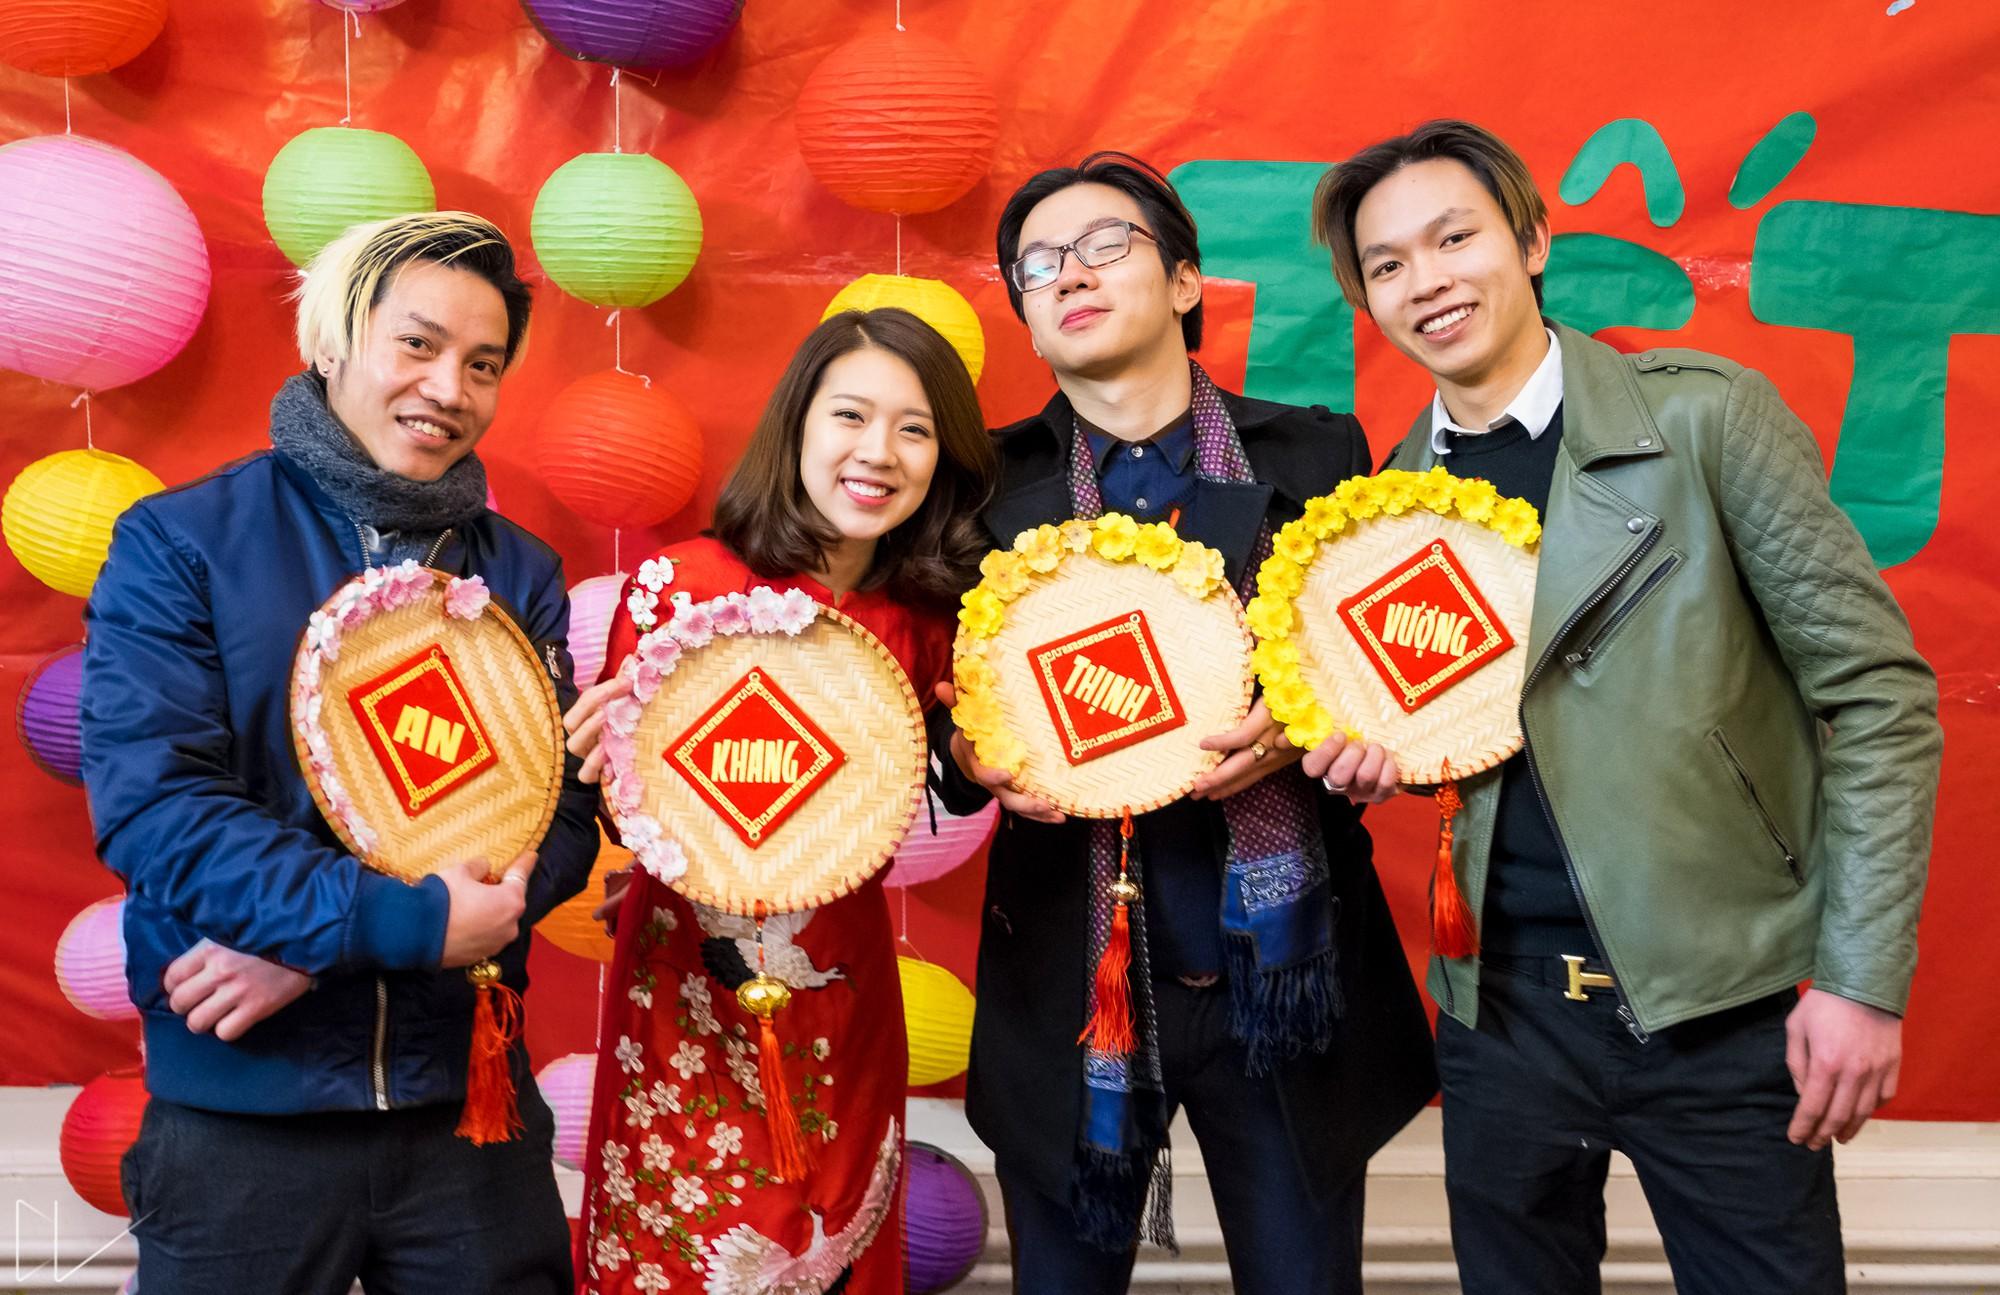 Trai xinh, gái đẹp nô nức tham gia chương trình Tết của du học sinh Việt tại Anh - Ảnh 12.